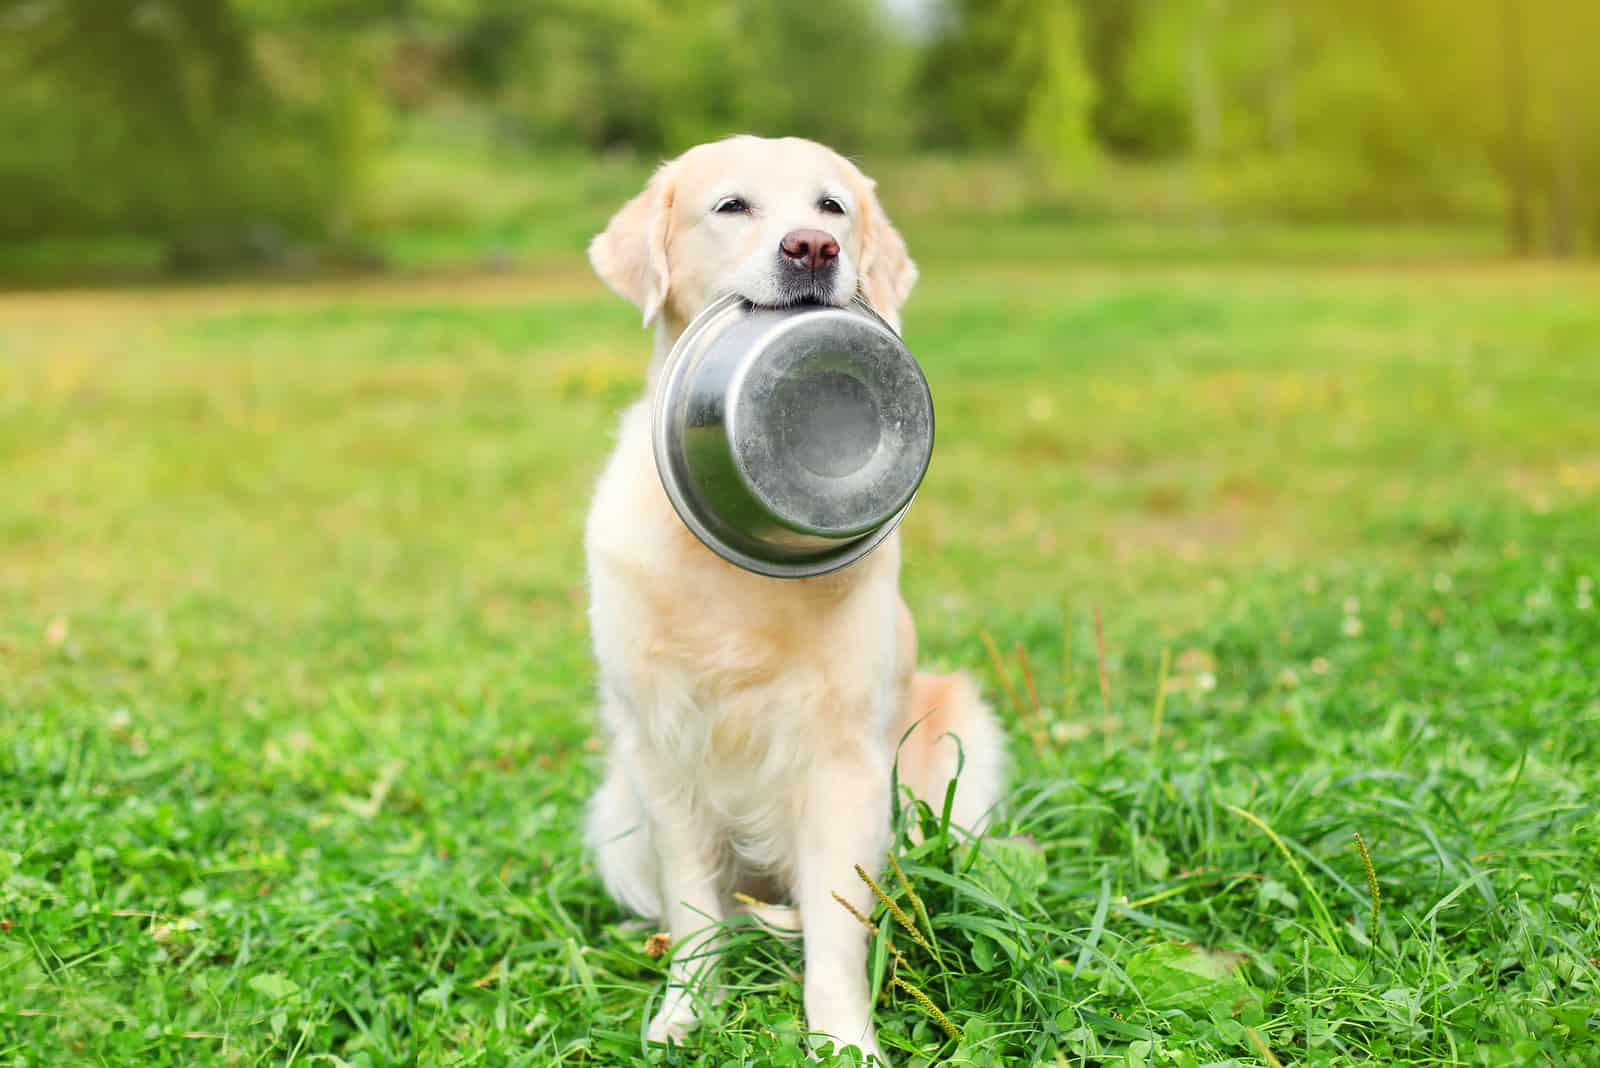 Schöner Golden Retriever Hund, der in den Zähnen eine Schüssel auf Gras hält